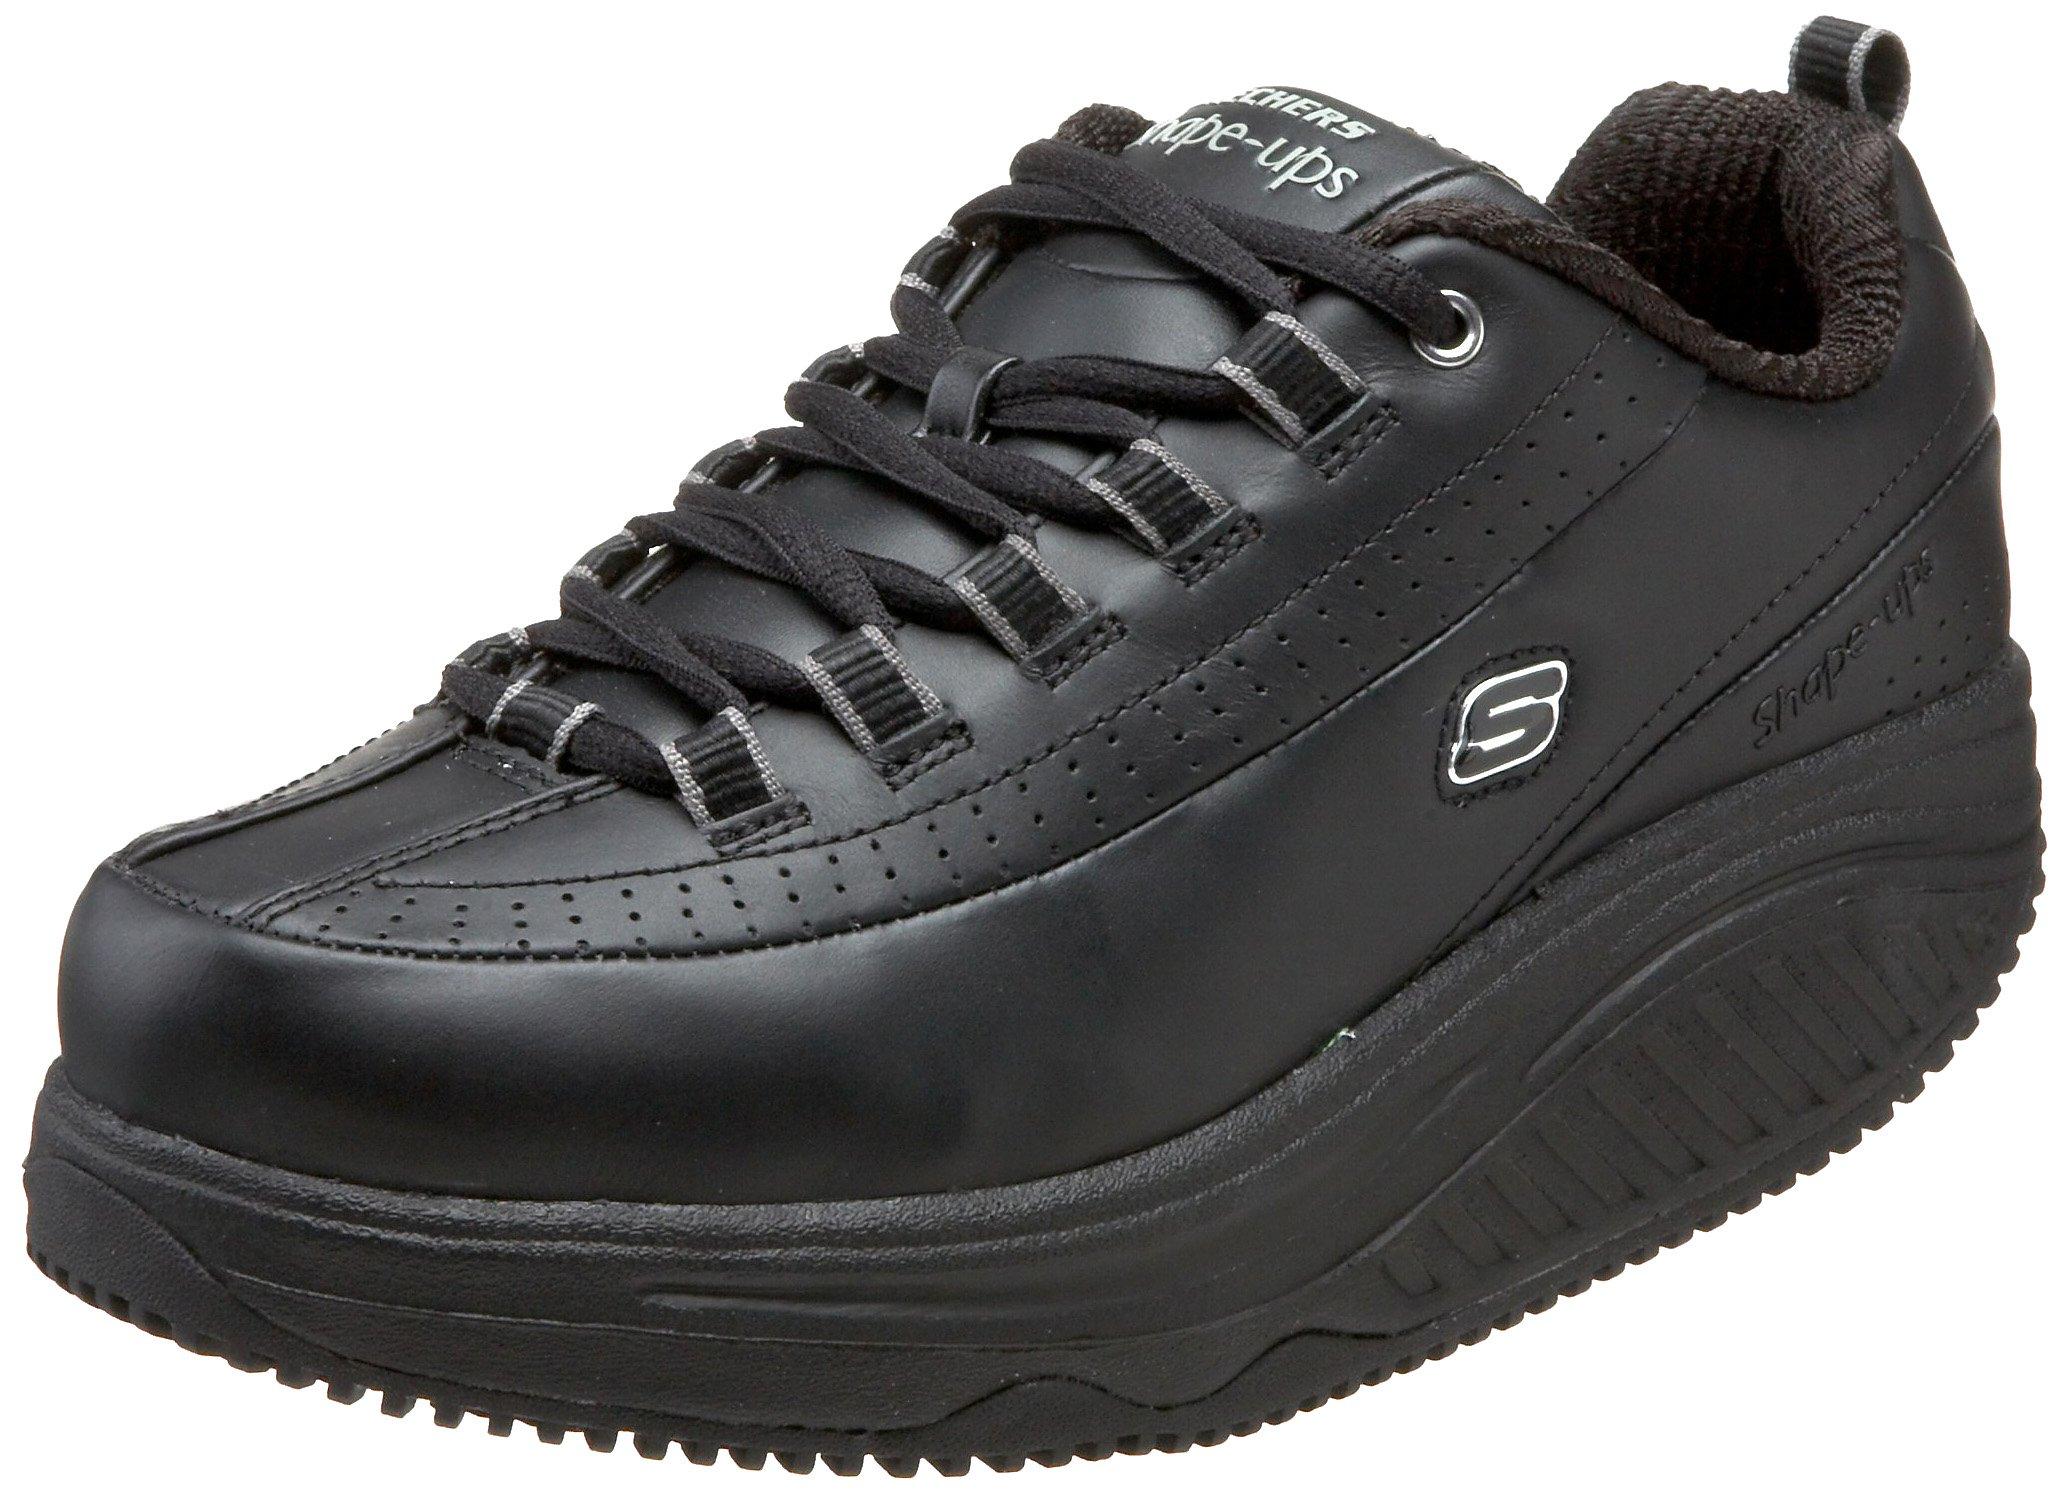 Skechers for Work Women's Shape Ups Slip Resistant Sneaker,Black,9 XW US by Skechers